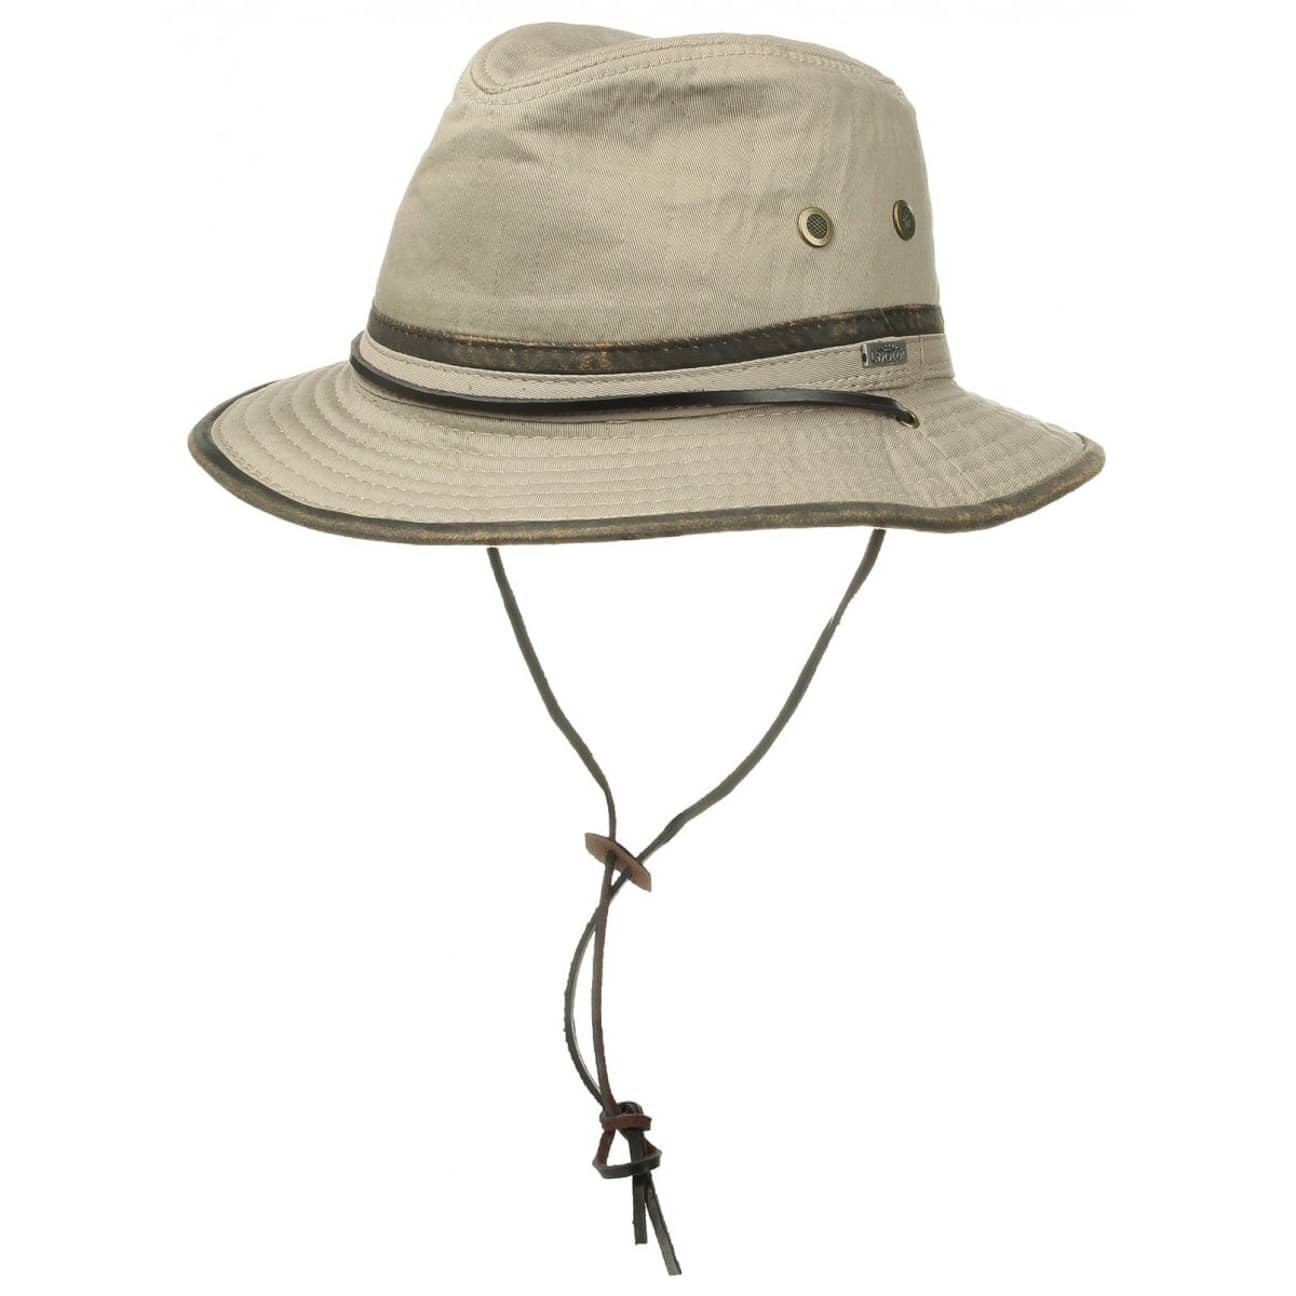 Sombrero Bamboobio Outdoor by Conner  sombrero de aventurero